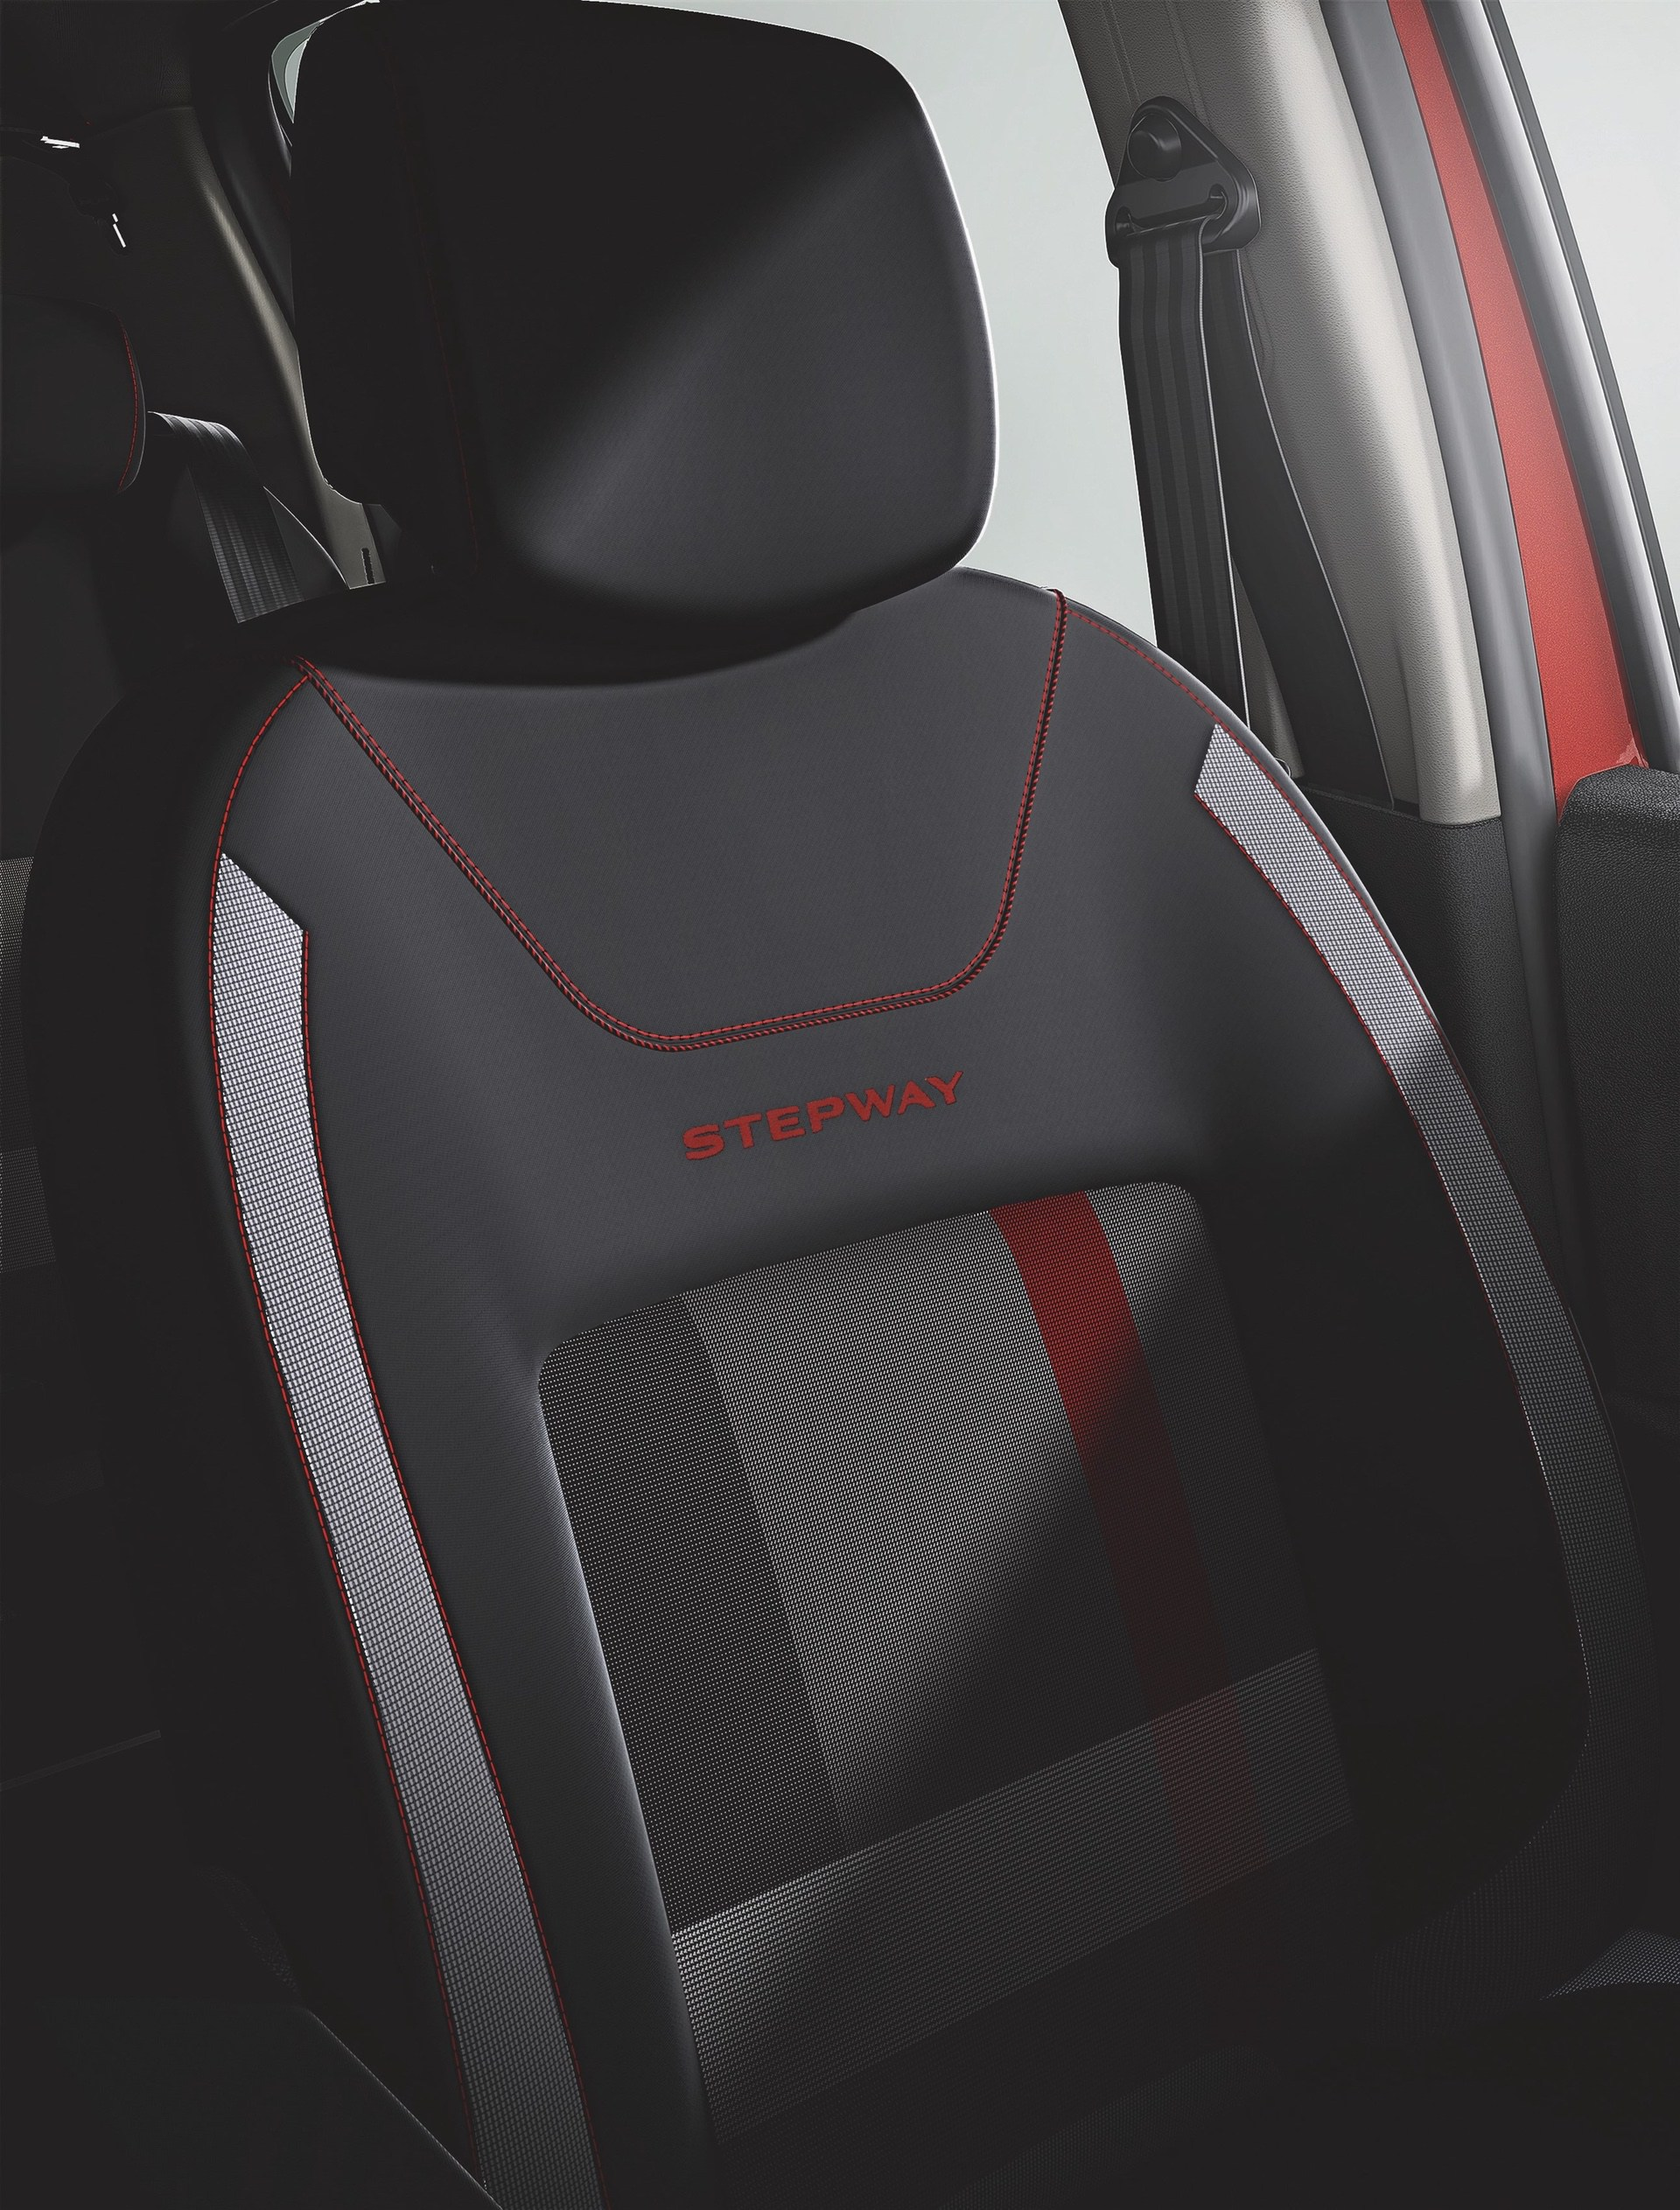 2019 - Dacia SANDERO STEPWAY Série Limitée Ultimate (ou Techroad)